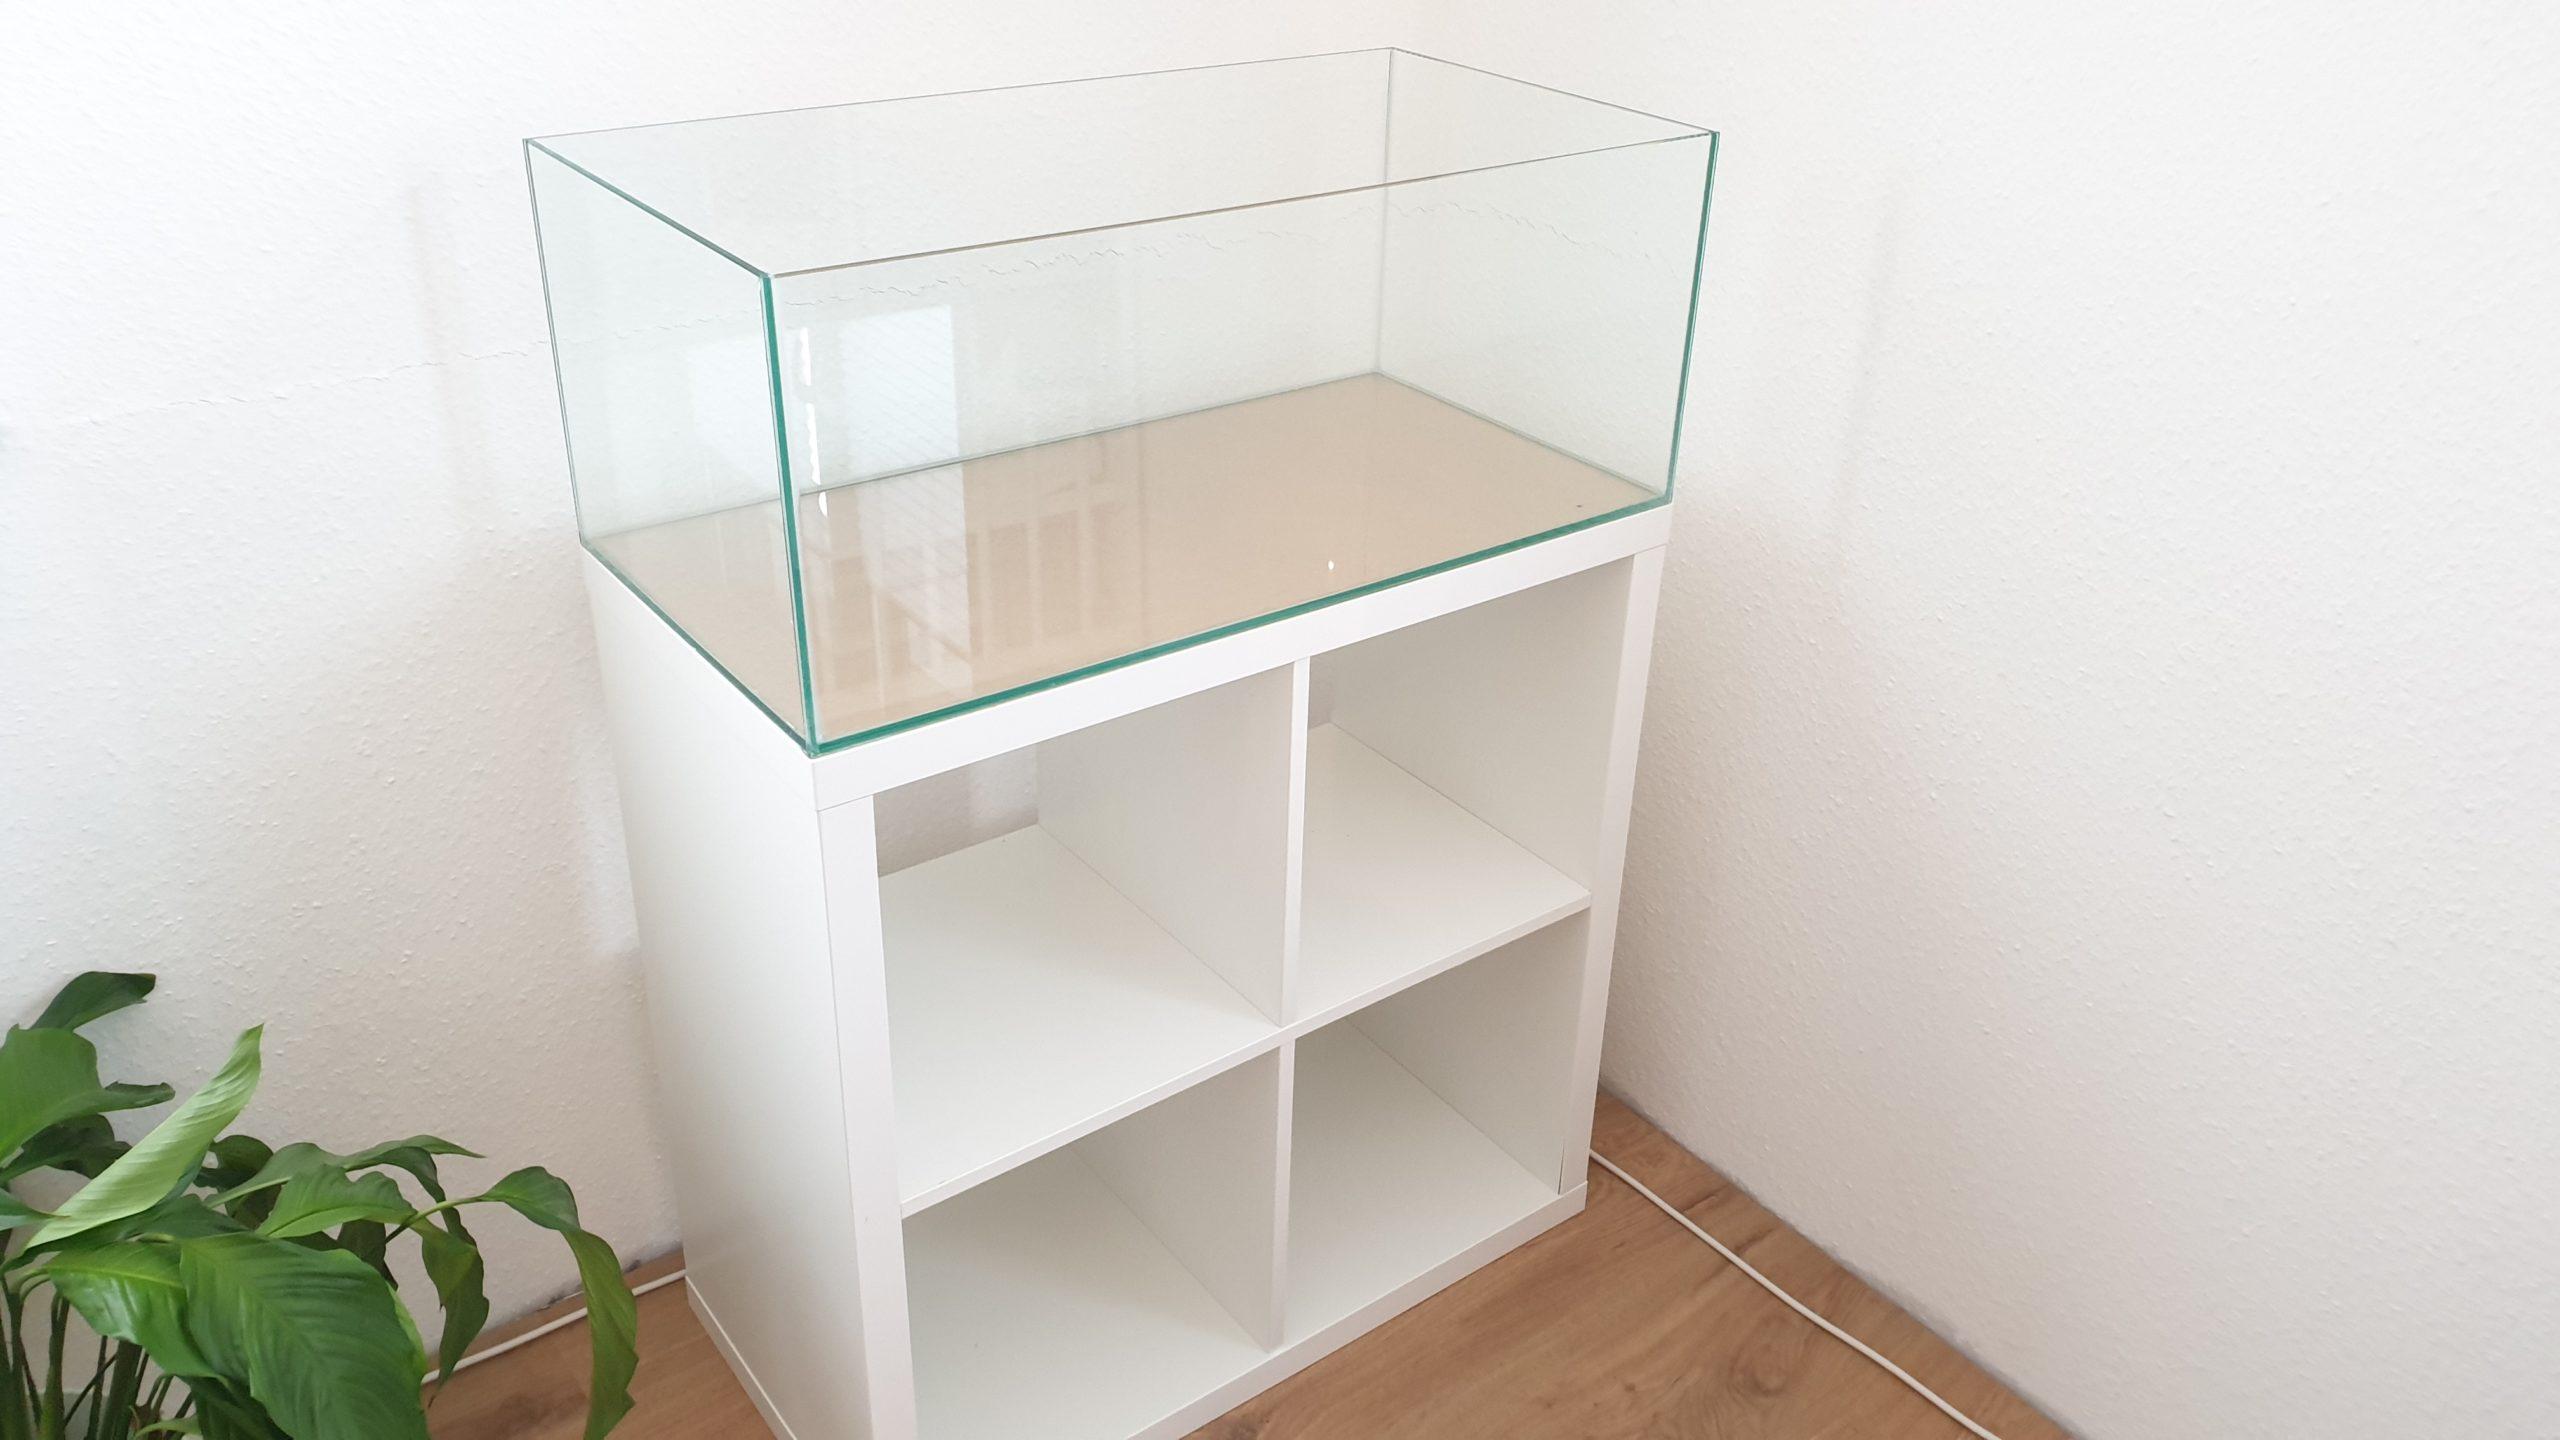 Ikea Expedit mit Aufbewahrungskisten organisieren